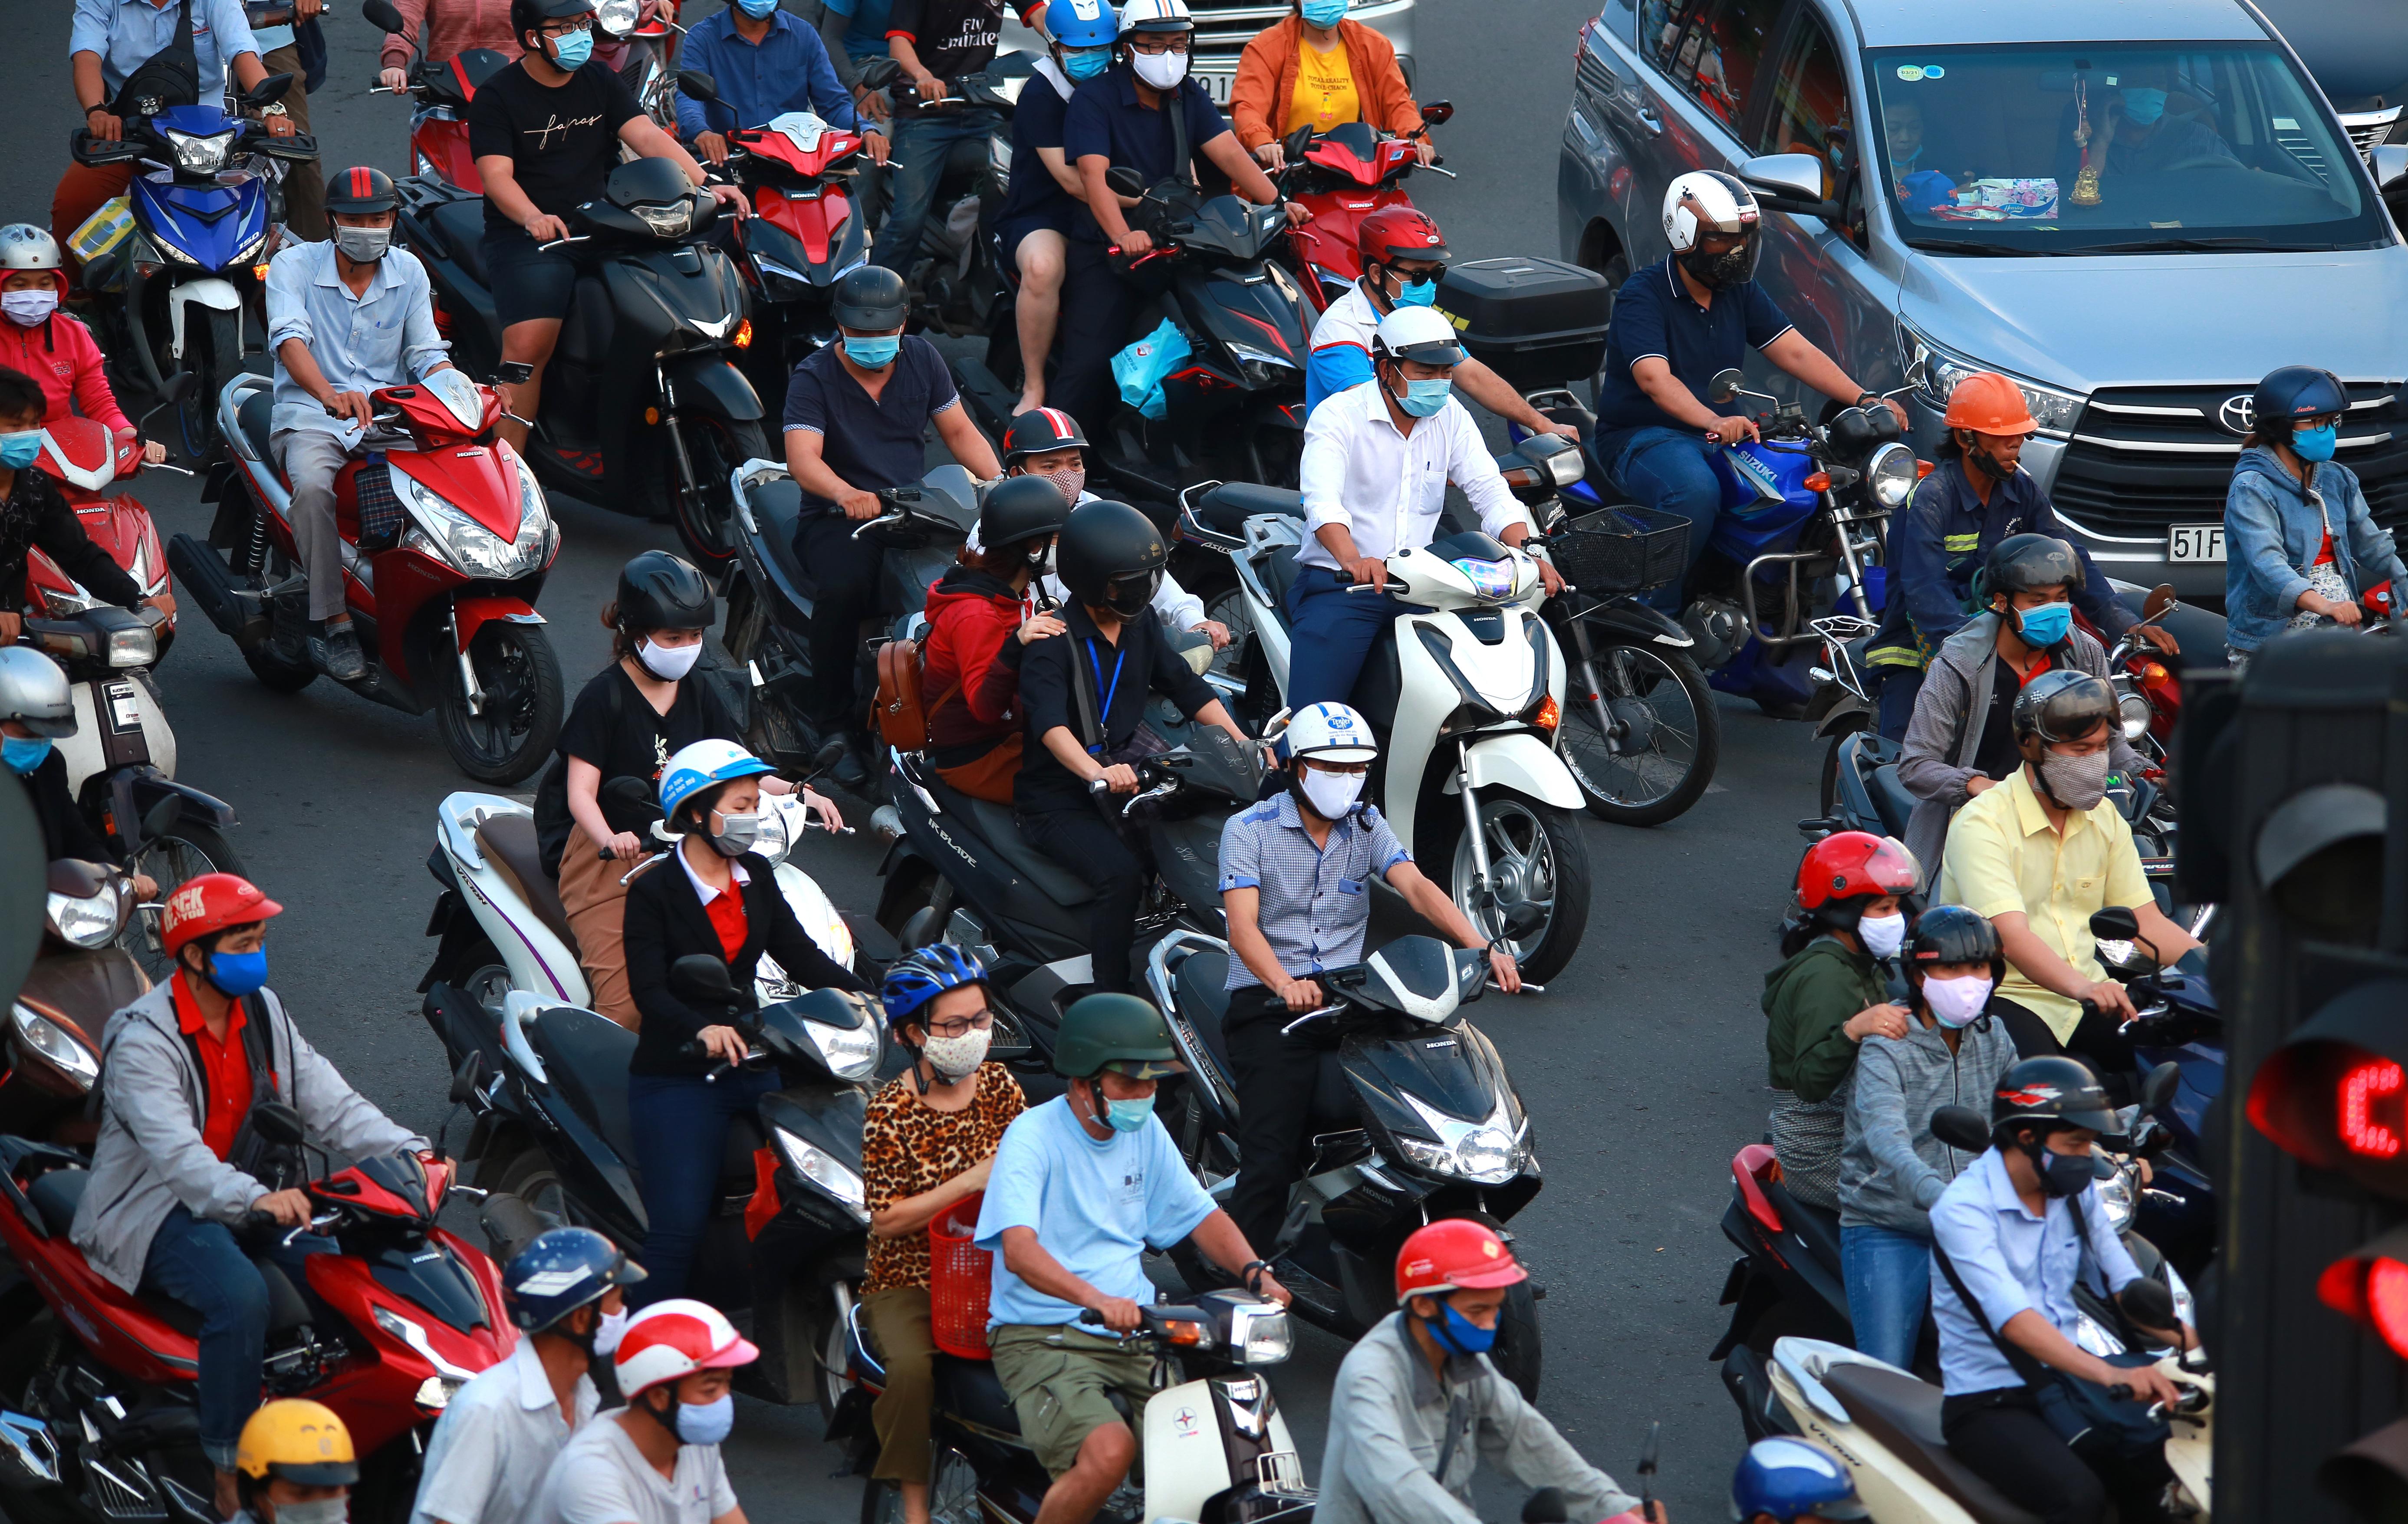 Sài Gòn đông đúc khi sắp kết thúc đợt cách ly toàn xã hội 14 ngày - Ảnh 11.